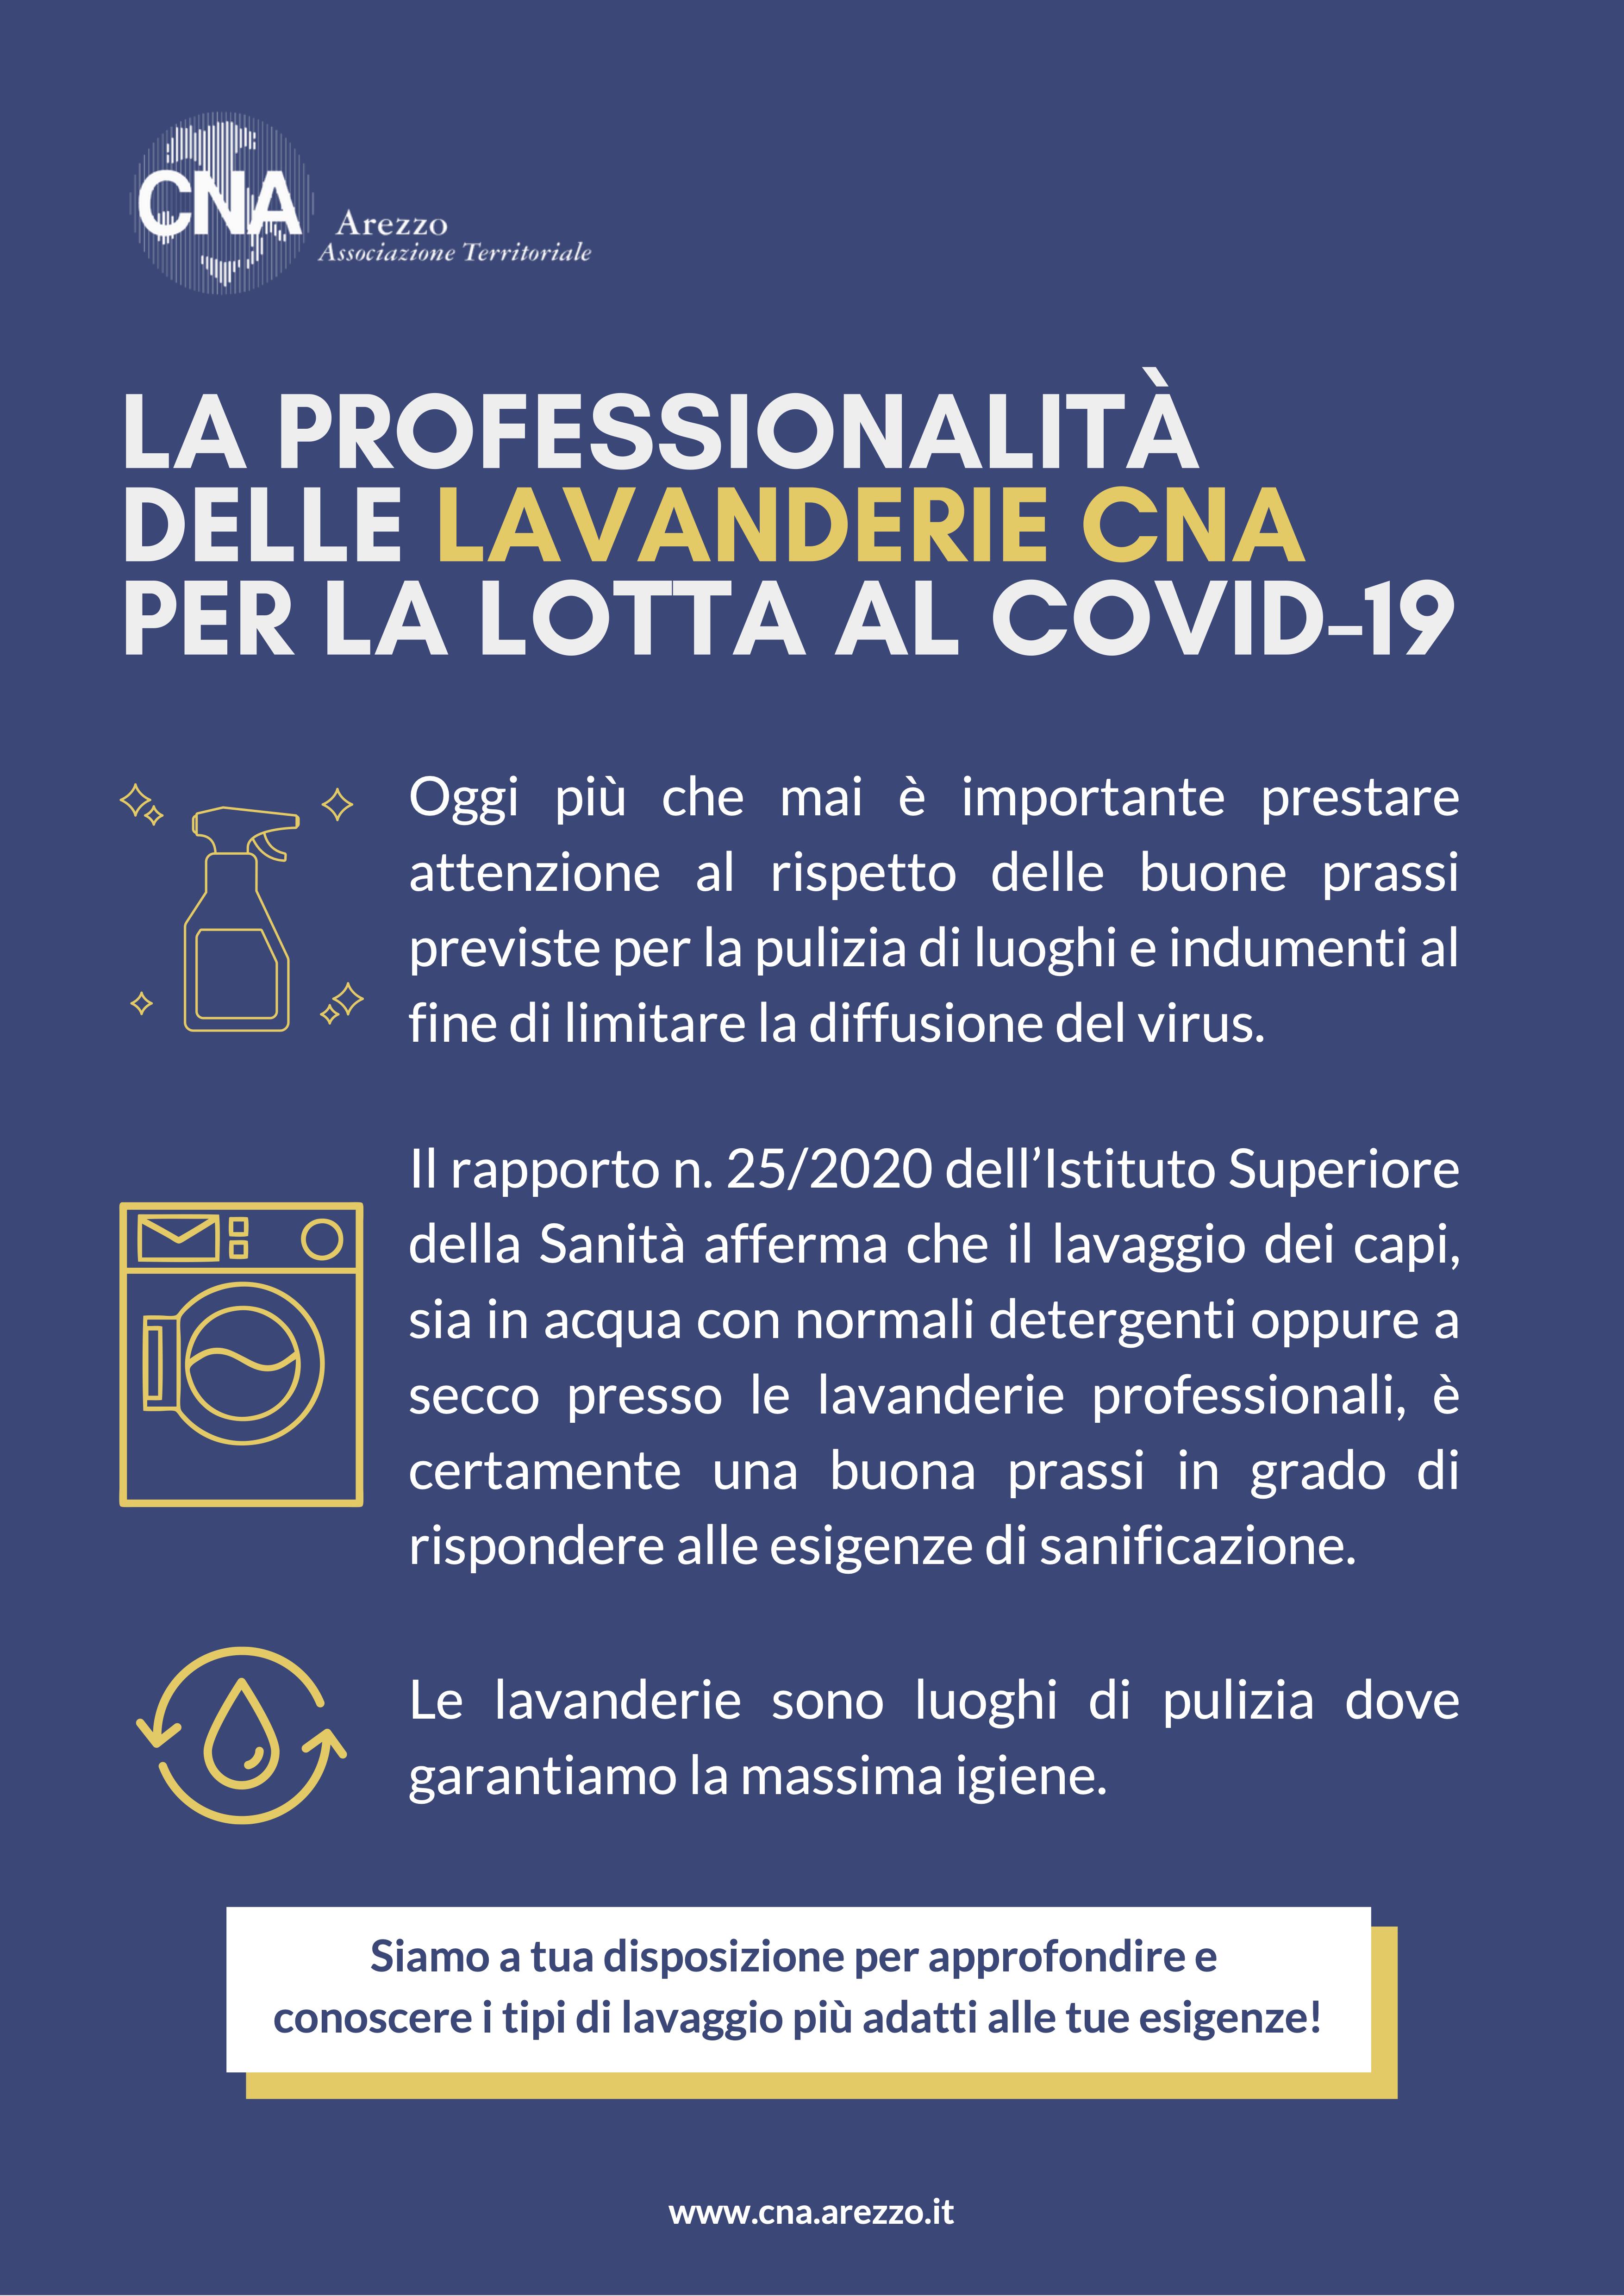 La professionalità delle lavanderie CNA per la lotta al Covid-19